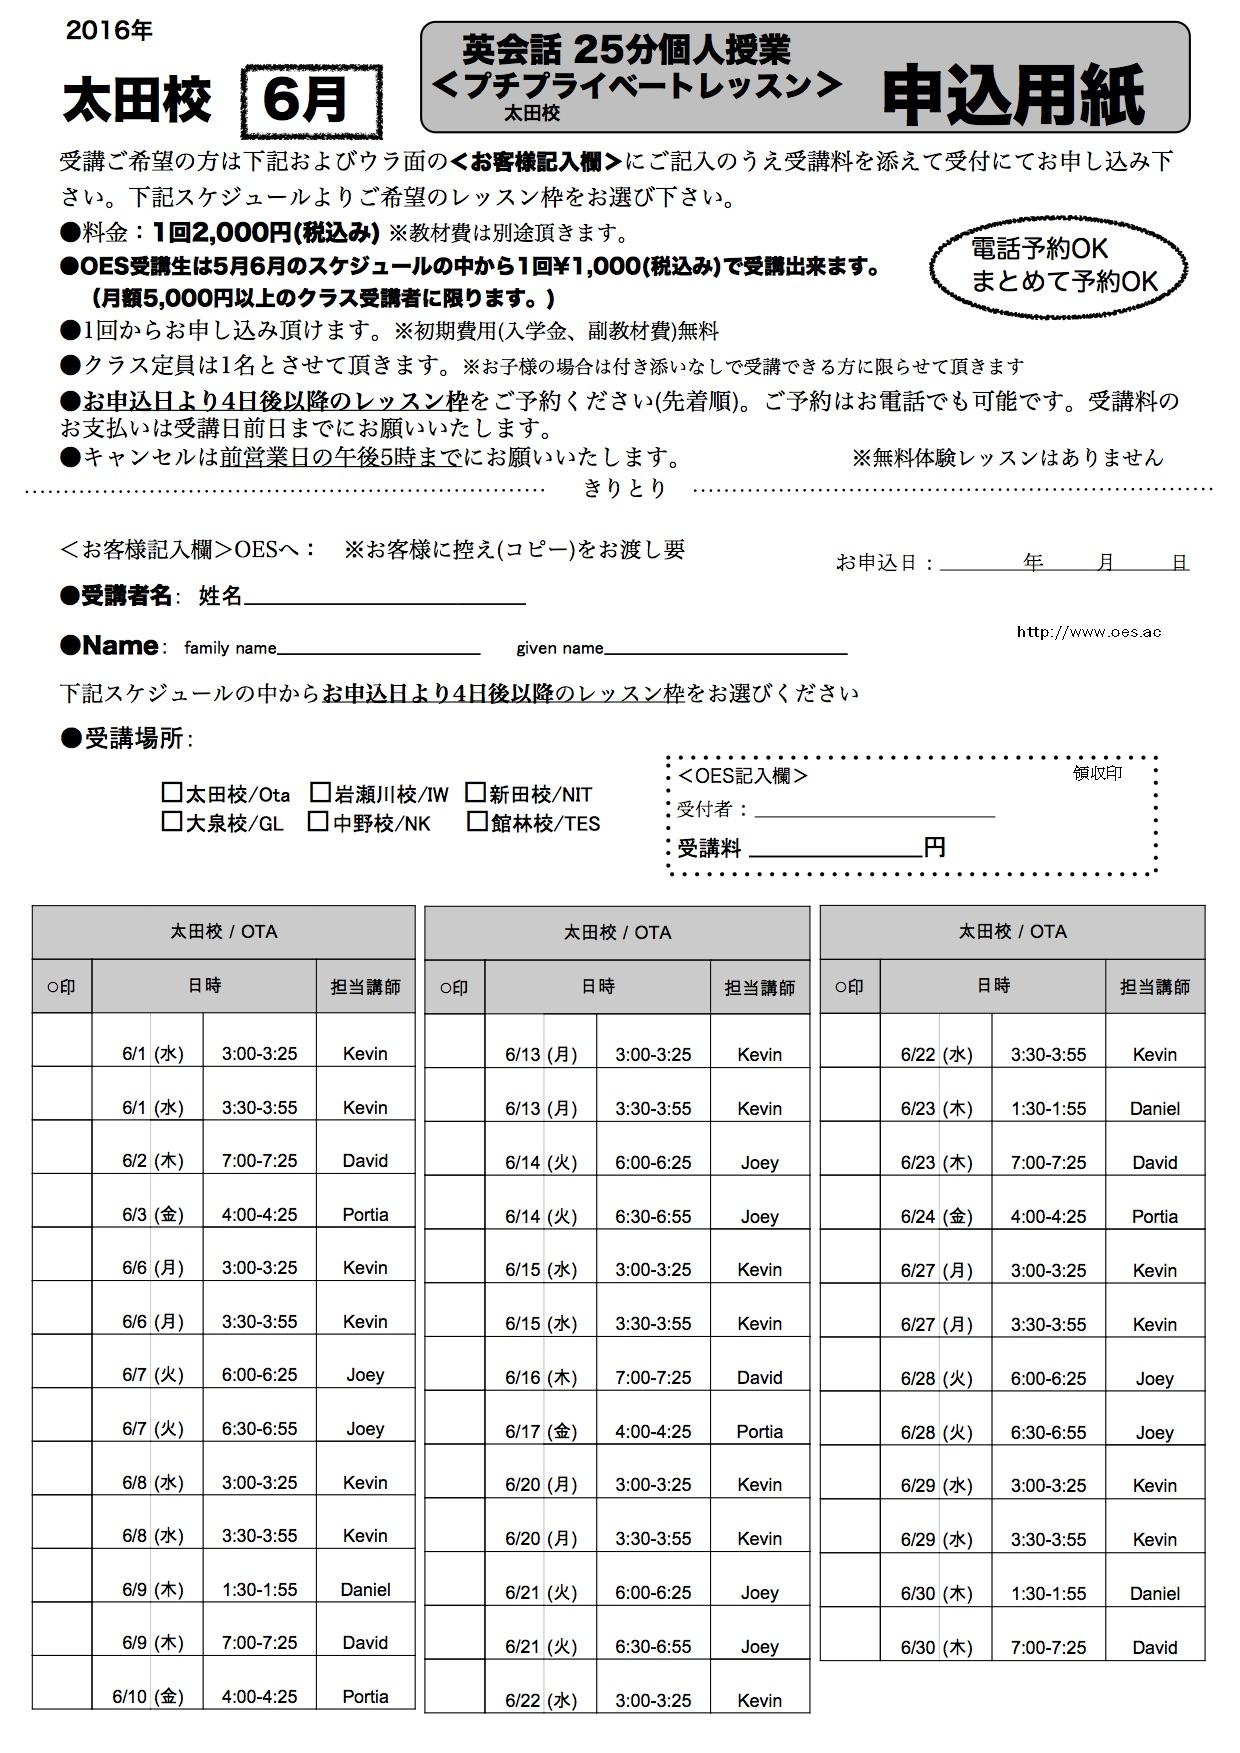 6月太田校プチプラ申込用紙